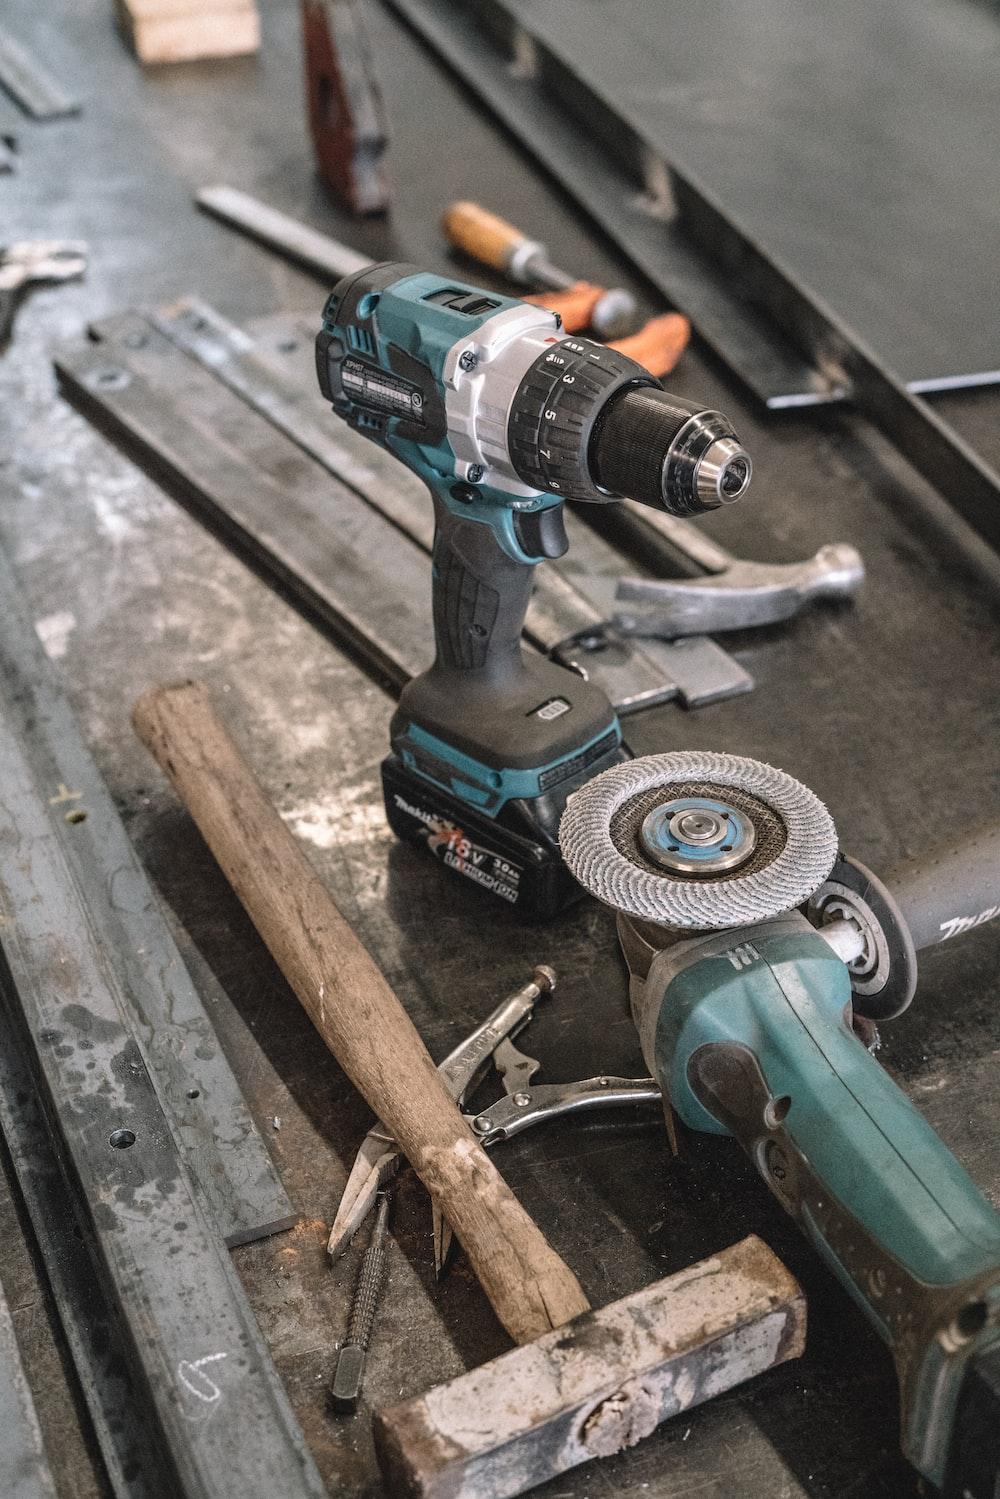 green Makita cordless drill near angle grinder